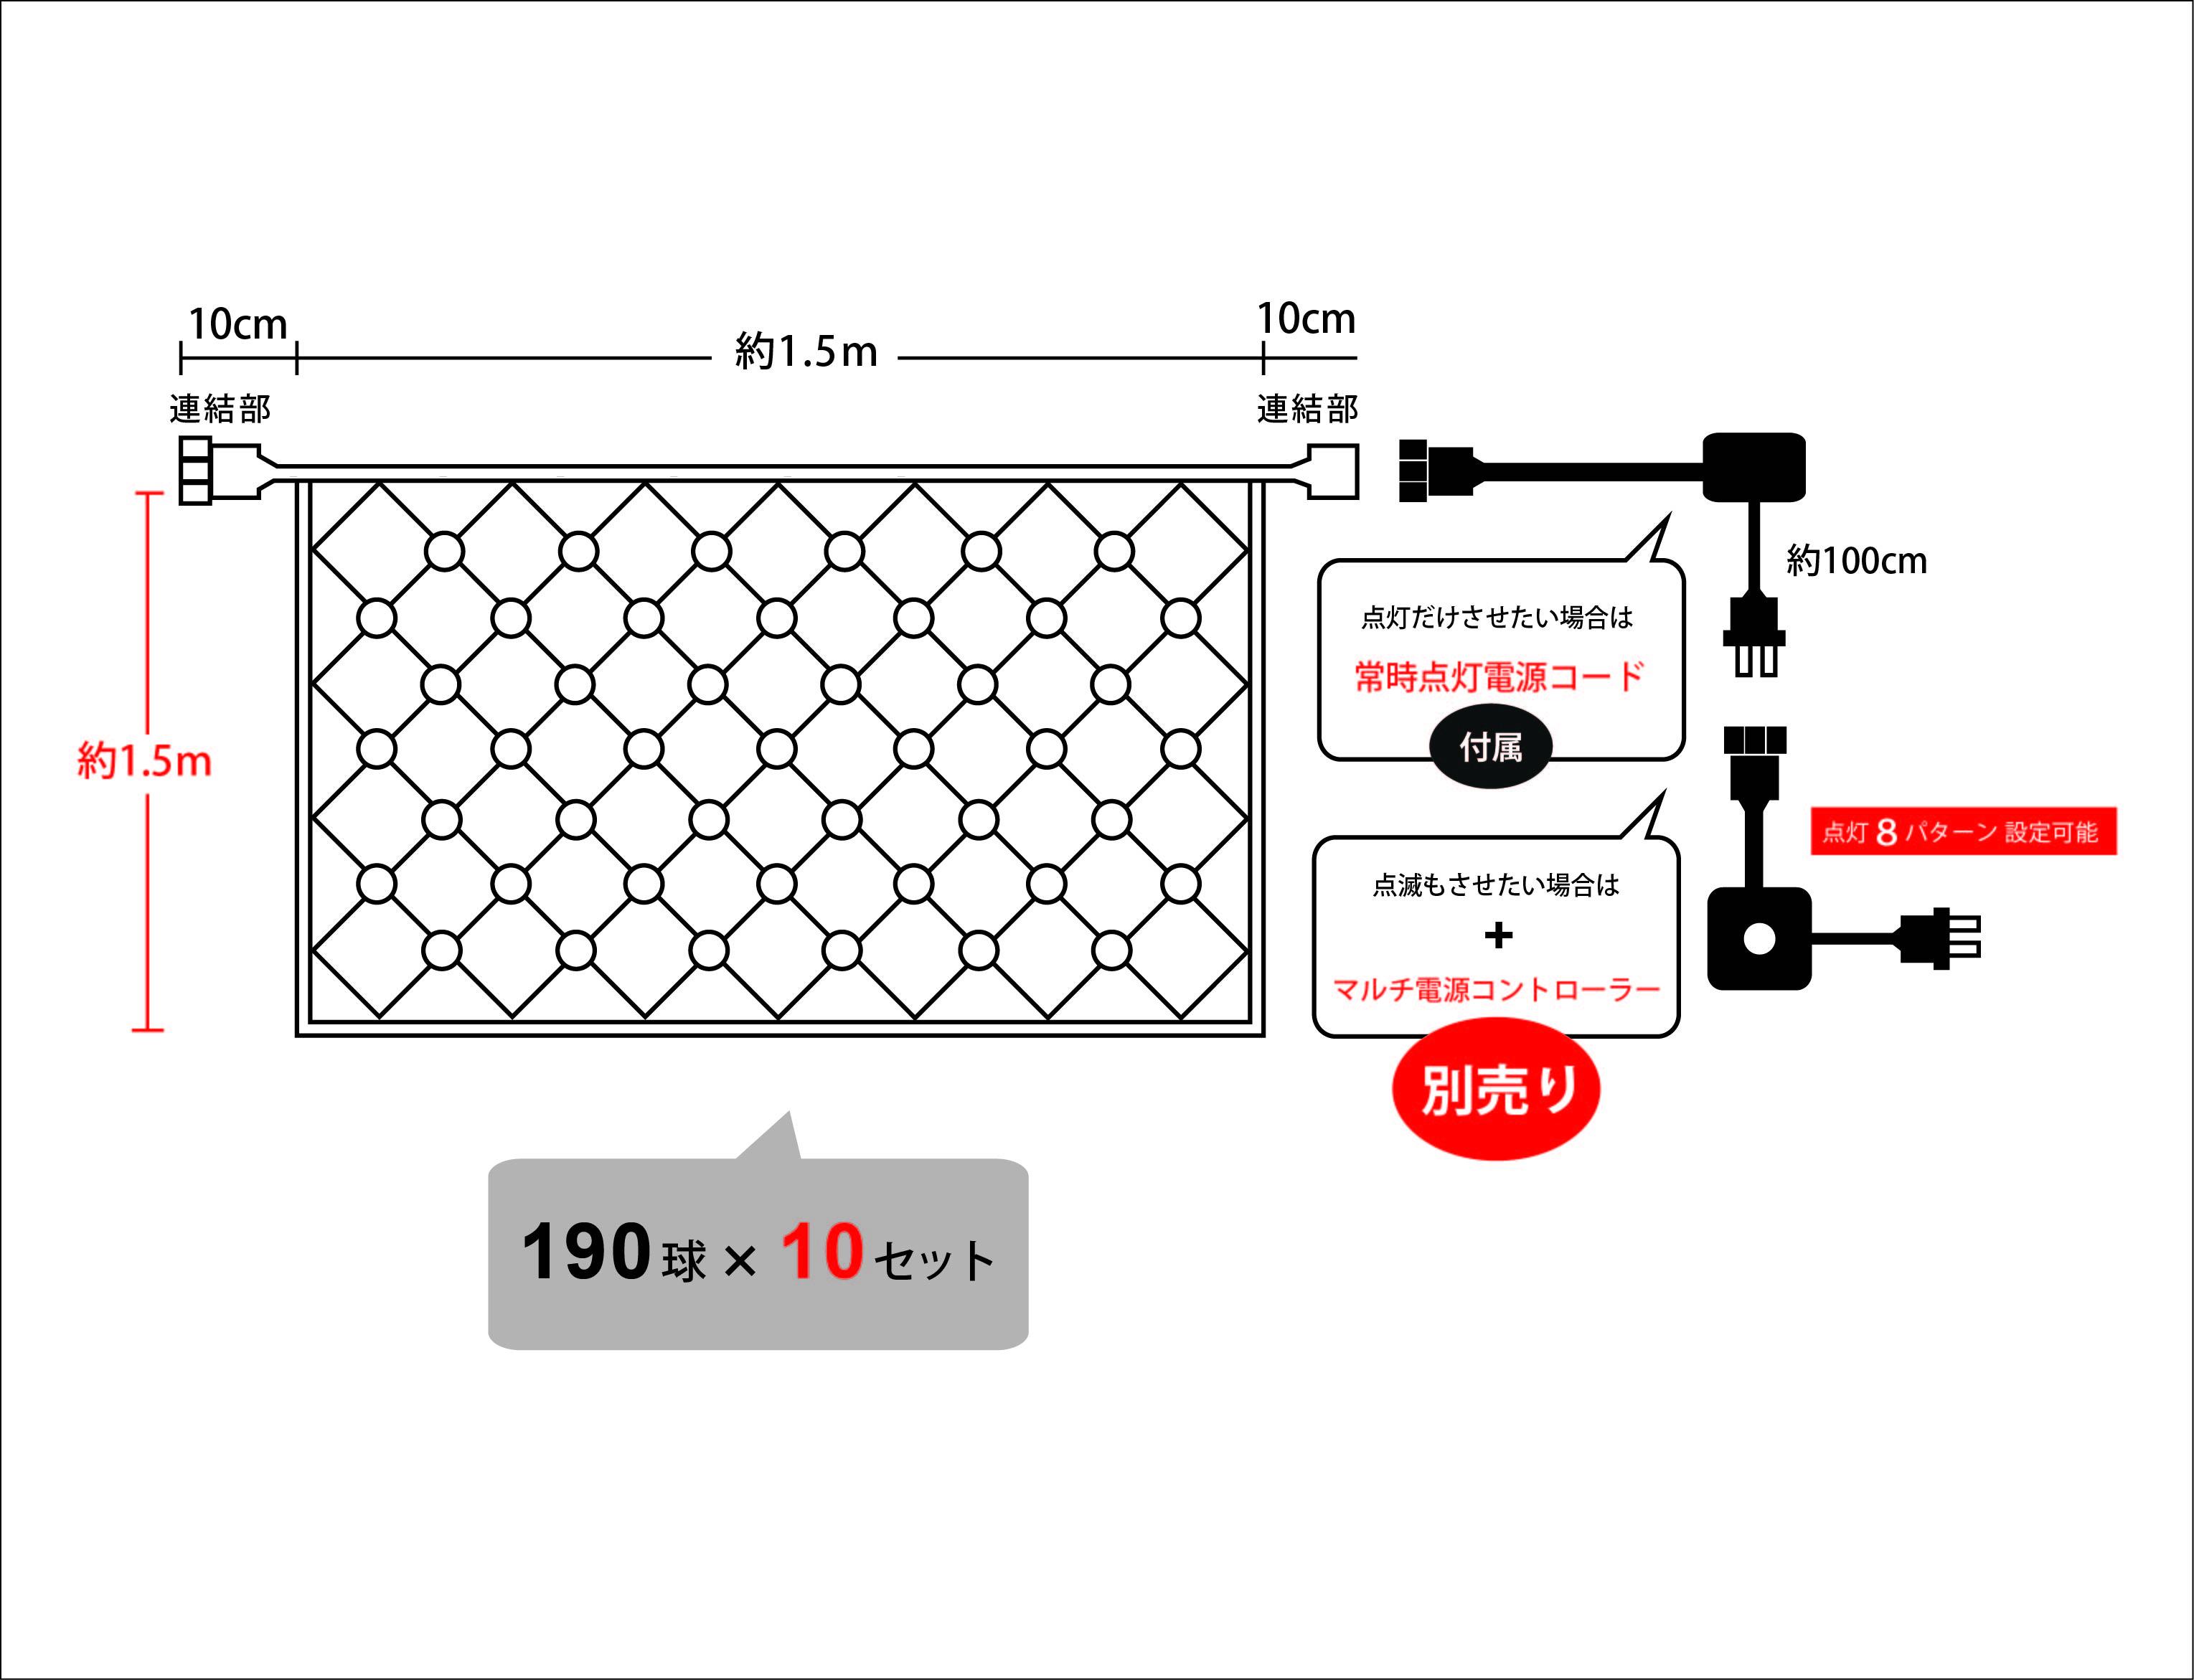 イルミネーションネットライトSK 1900球 設計図